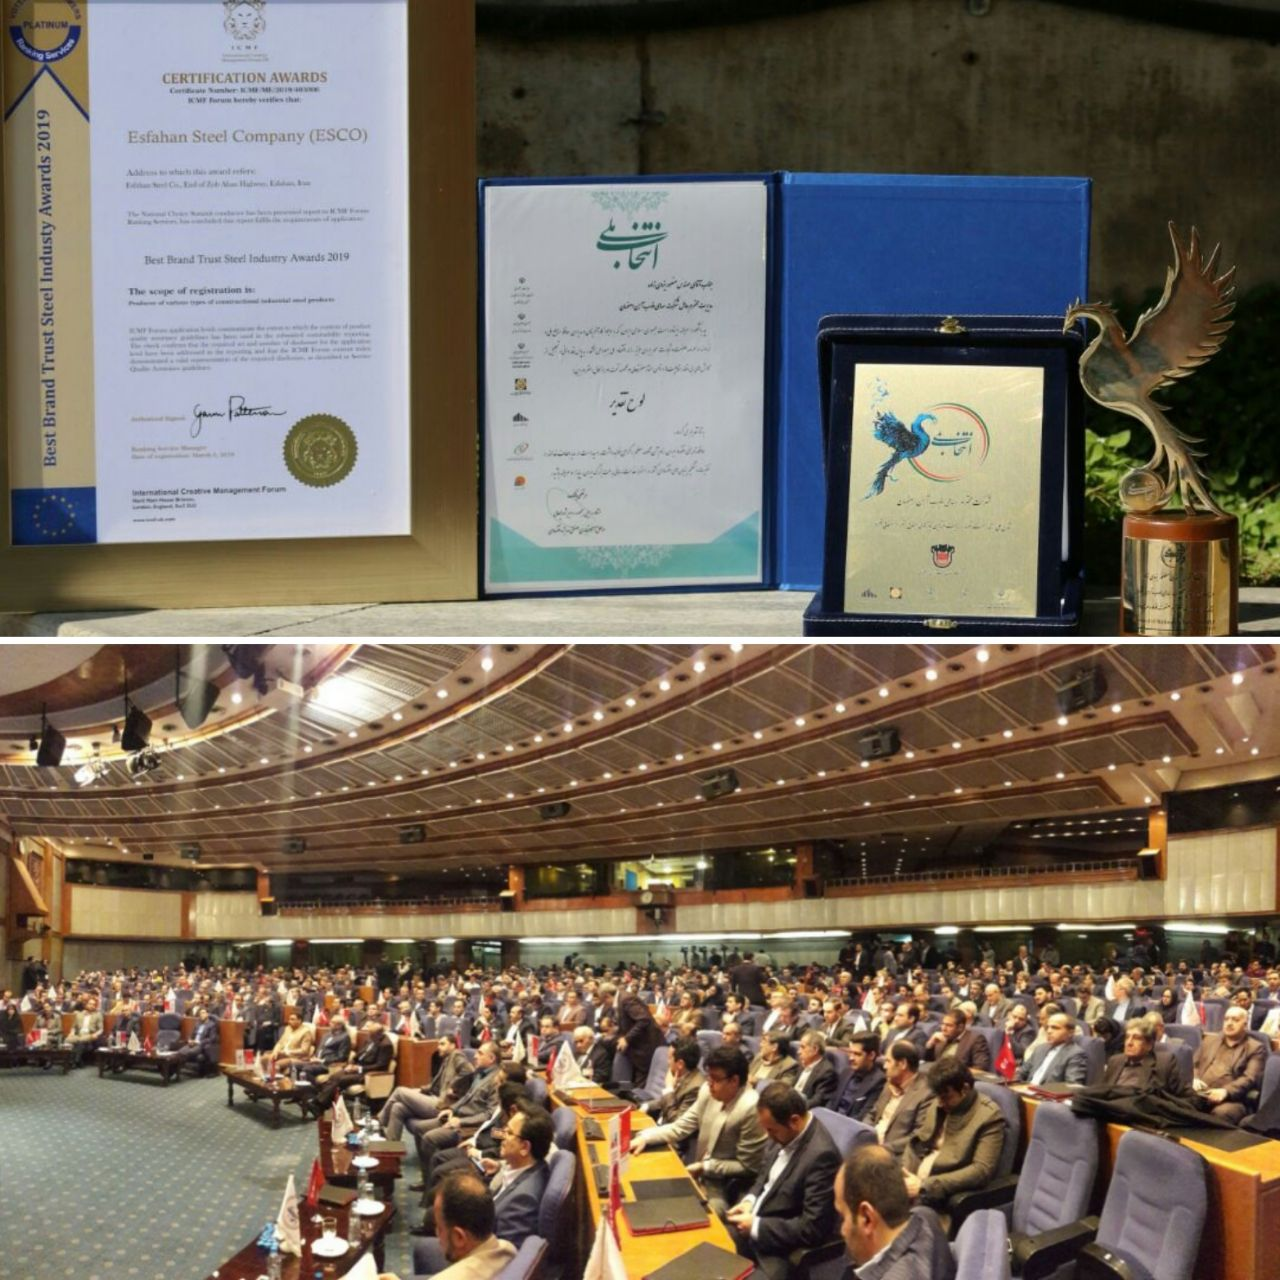 کسب چهار افتخار و موفقیت بزرگ برای شرکت ذوب آهن اصفهان